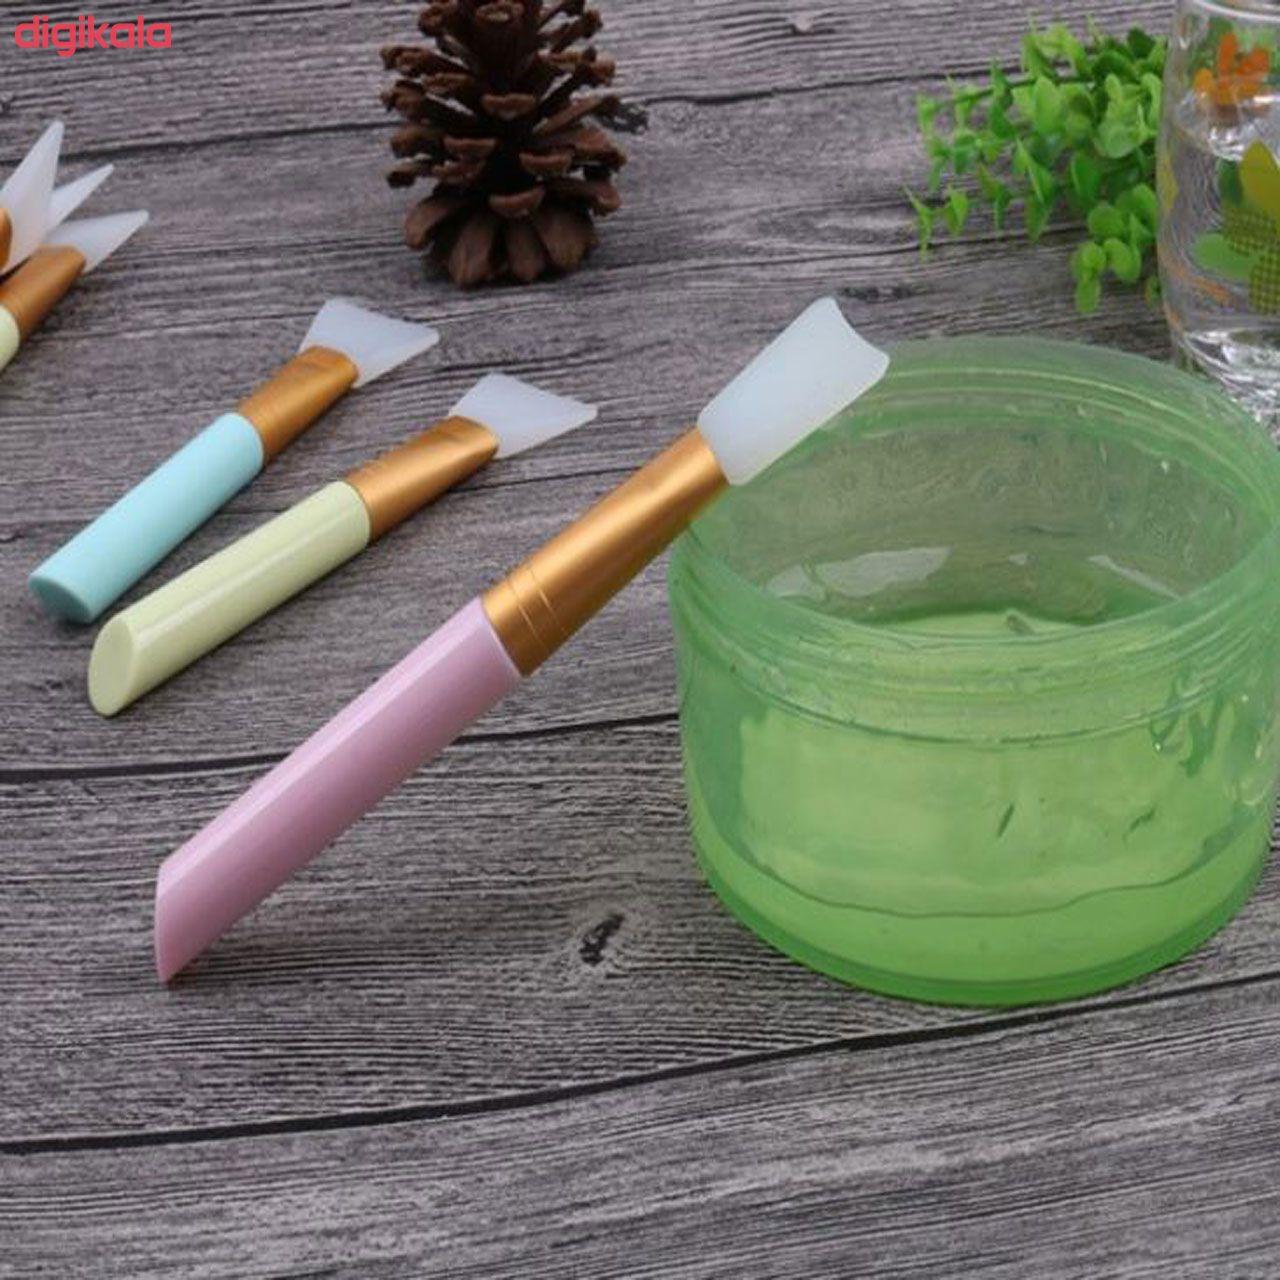 قلم ماسک یو سی مدل PRO main 1 2